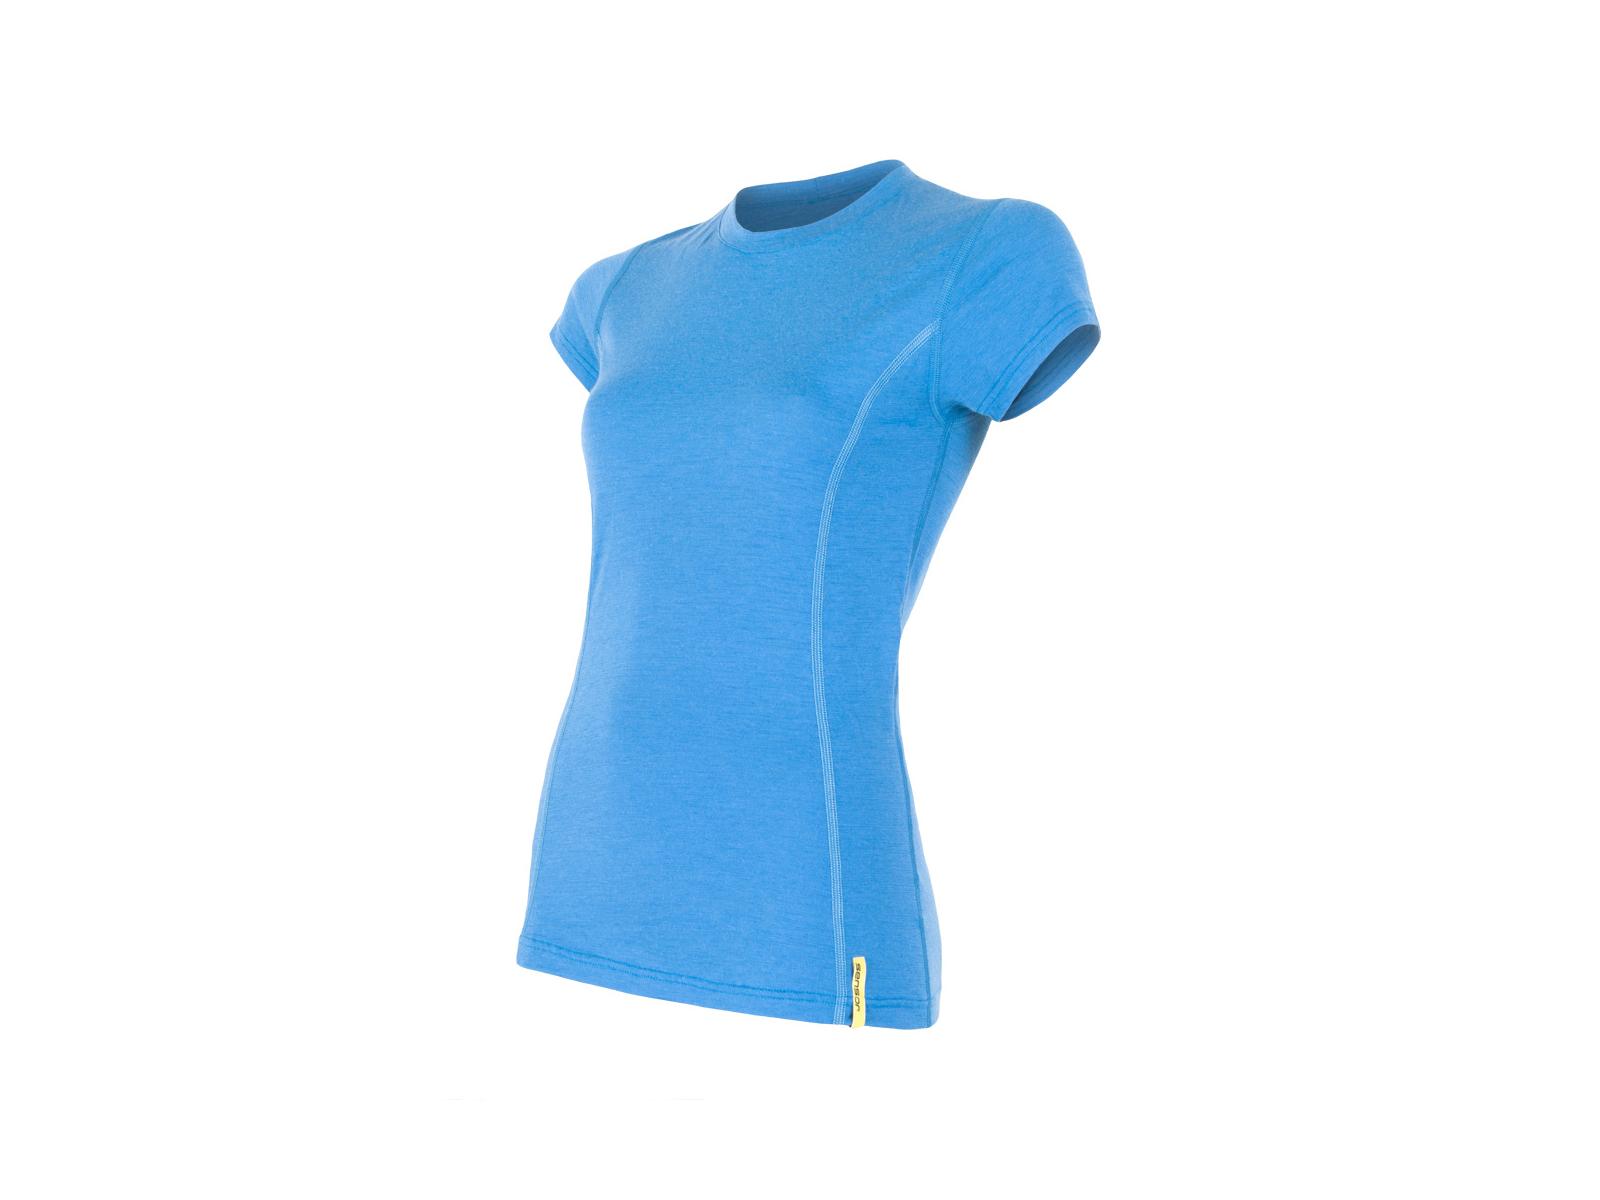 Sensor Merino Active Uld T shirt med korte ærmer Dame Blå (DKK 257,40)